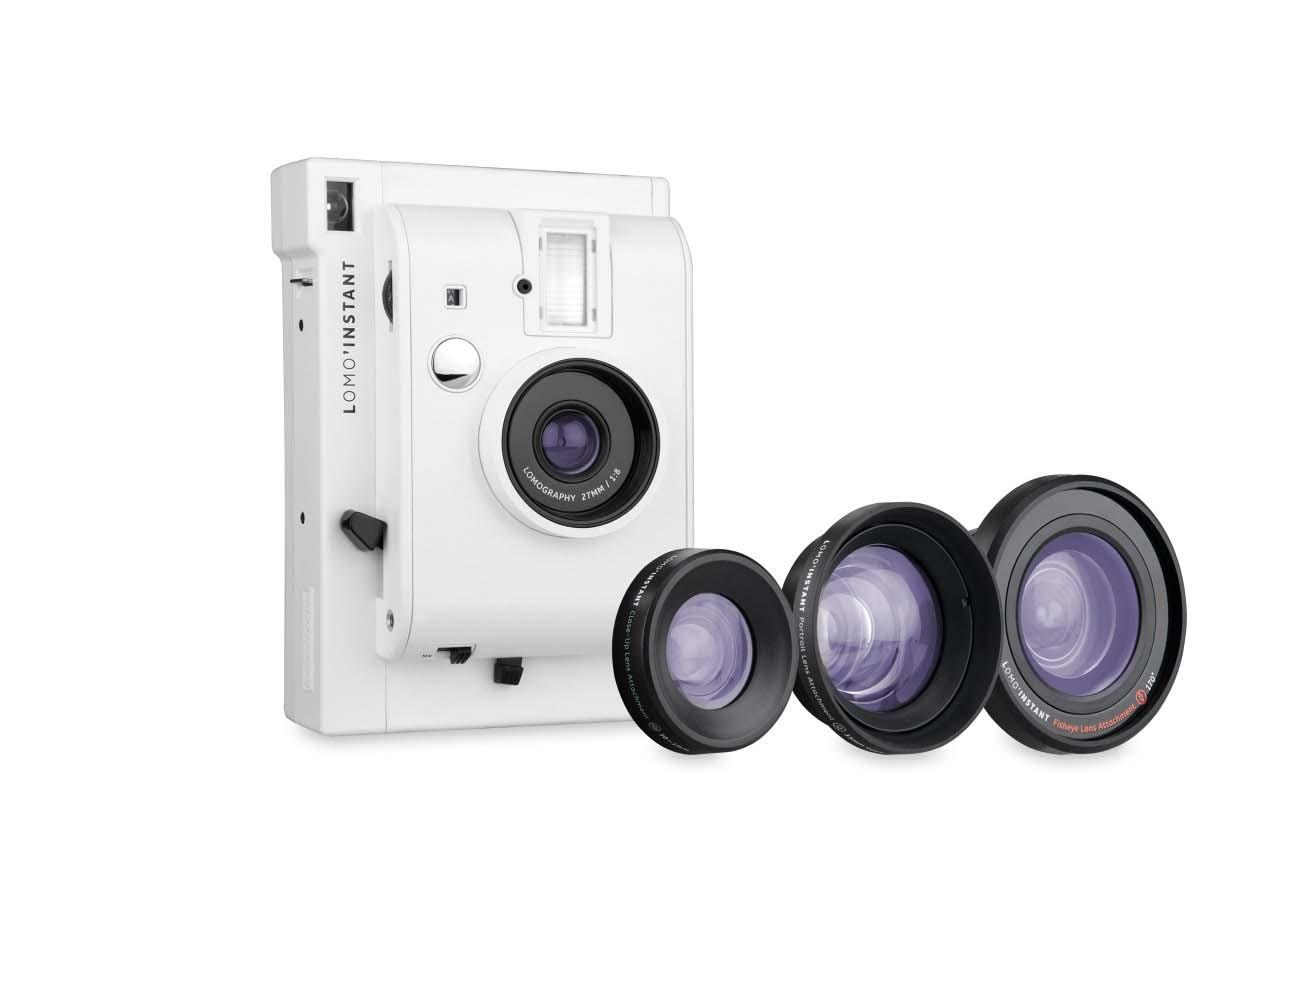 Lomo'Instant + 3 lenses